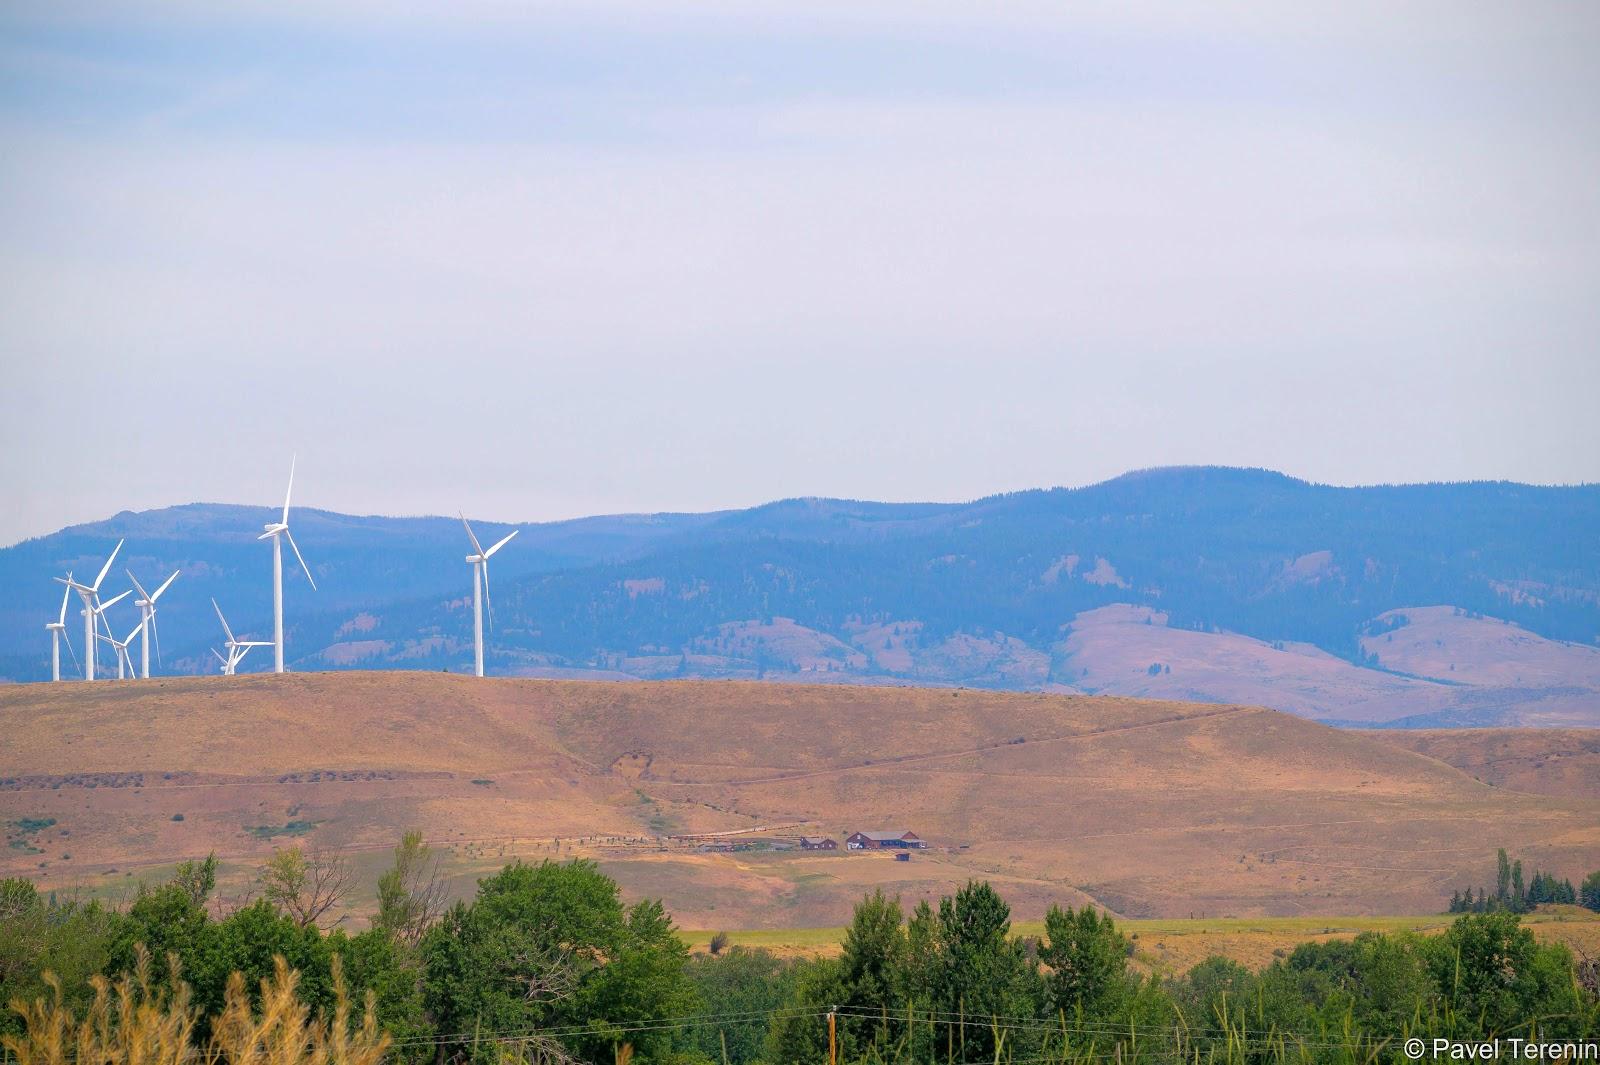 Отсутствие лесов - отличное условие для ветряных электростанций, которые целыми полями расположились в долине